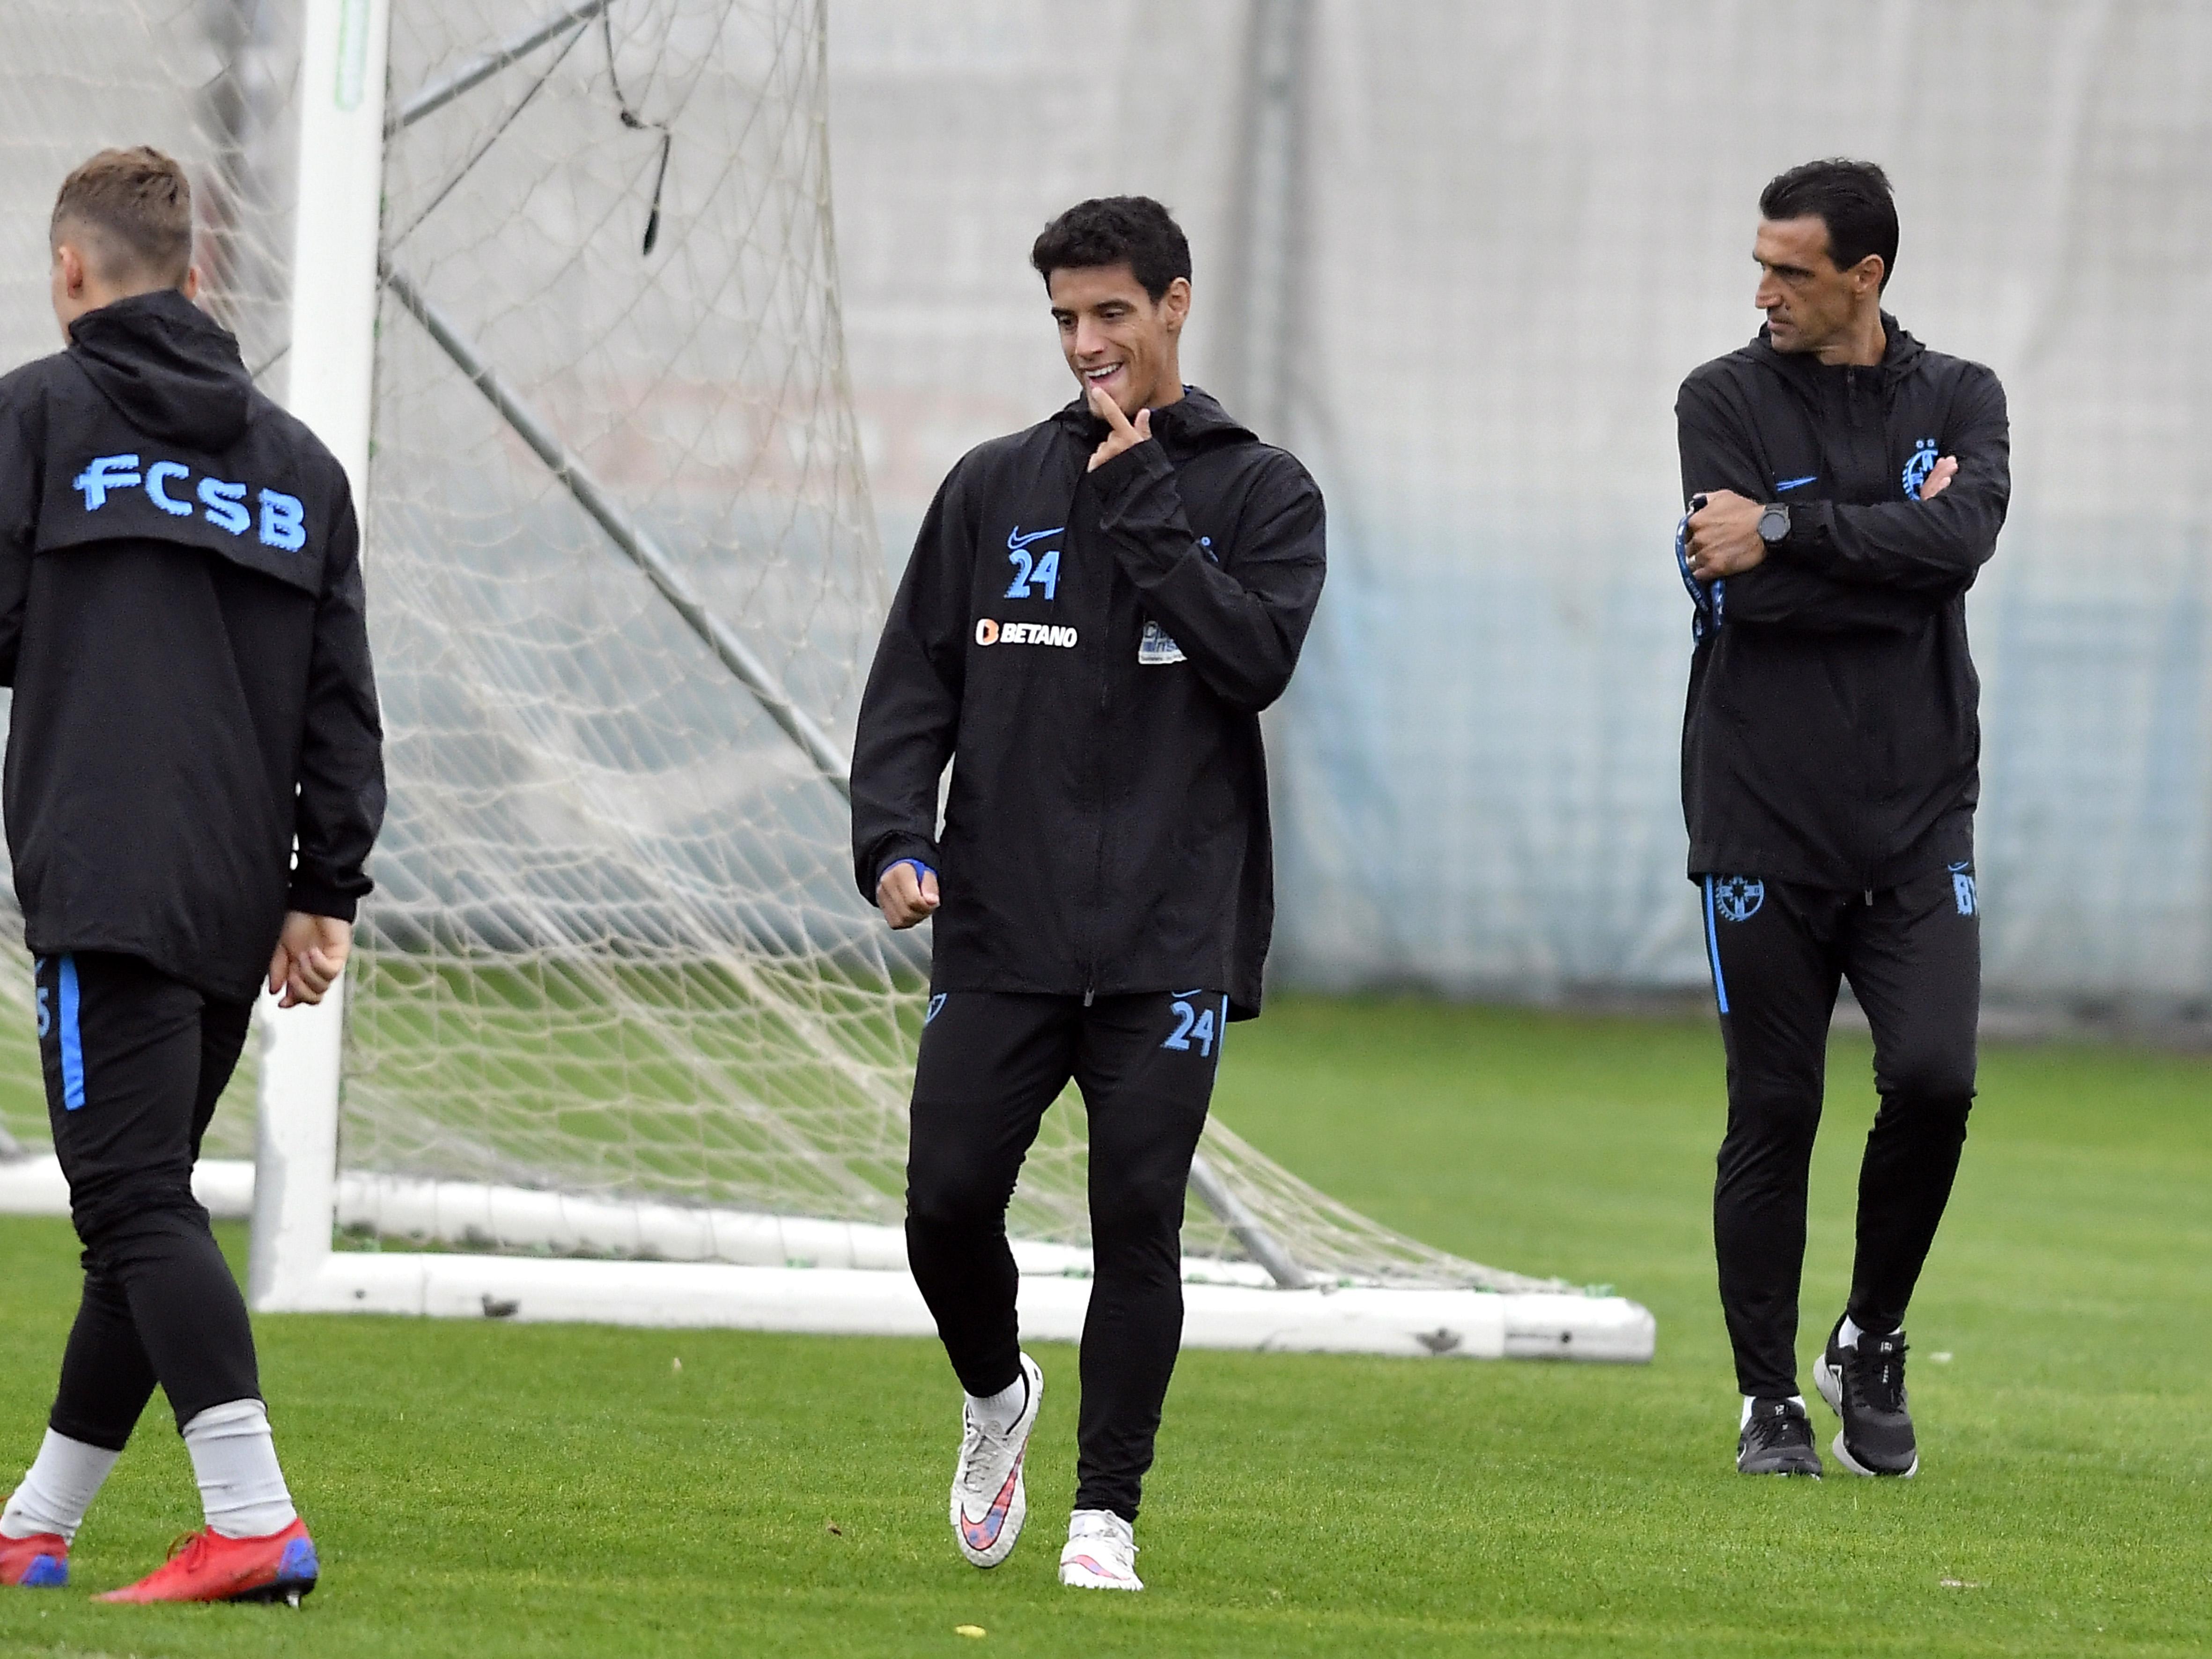 Diogo Salomao și Bogdan Argeș Vintilă la un antrenament susținut înaintea meciului pe care FCSB l-a disputat cu Dinamo, scor 1-1. Sursă foto: sportpictures.eu